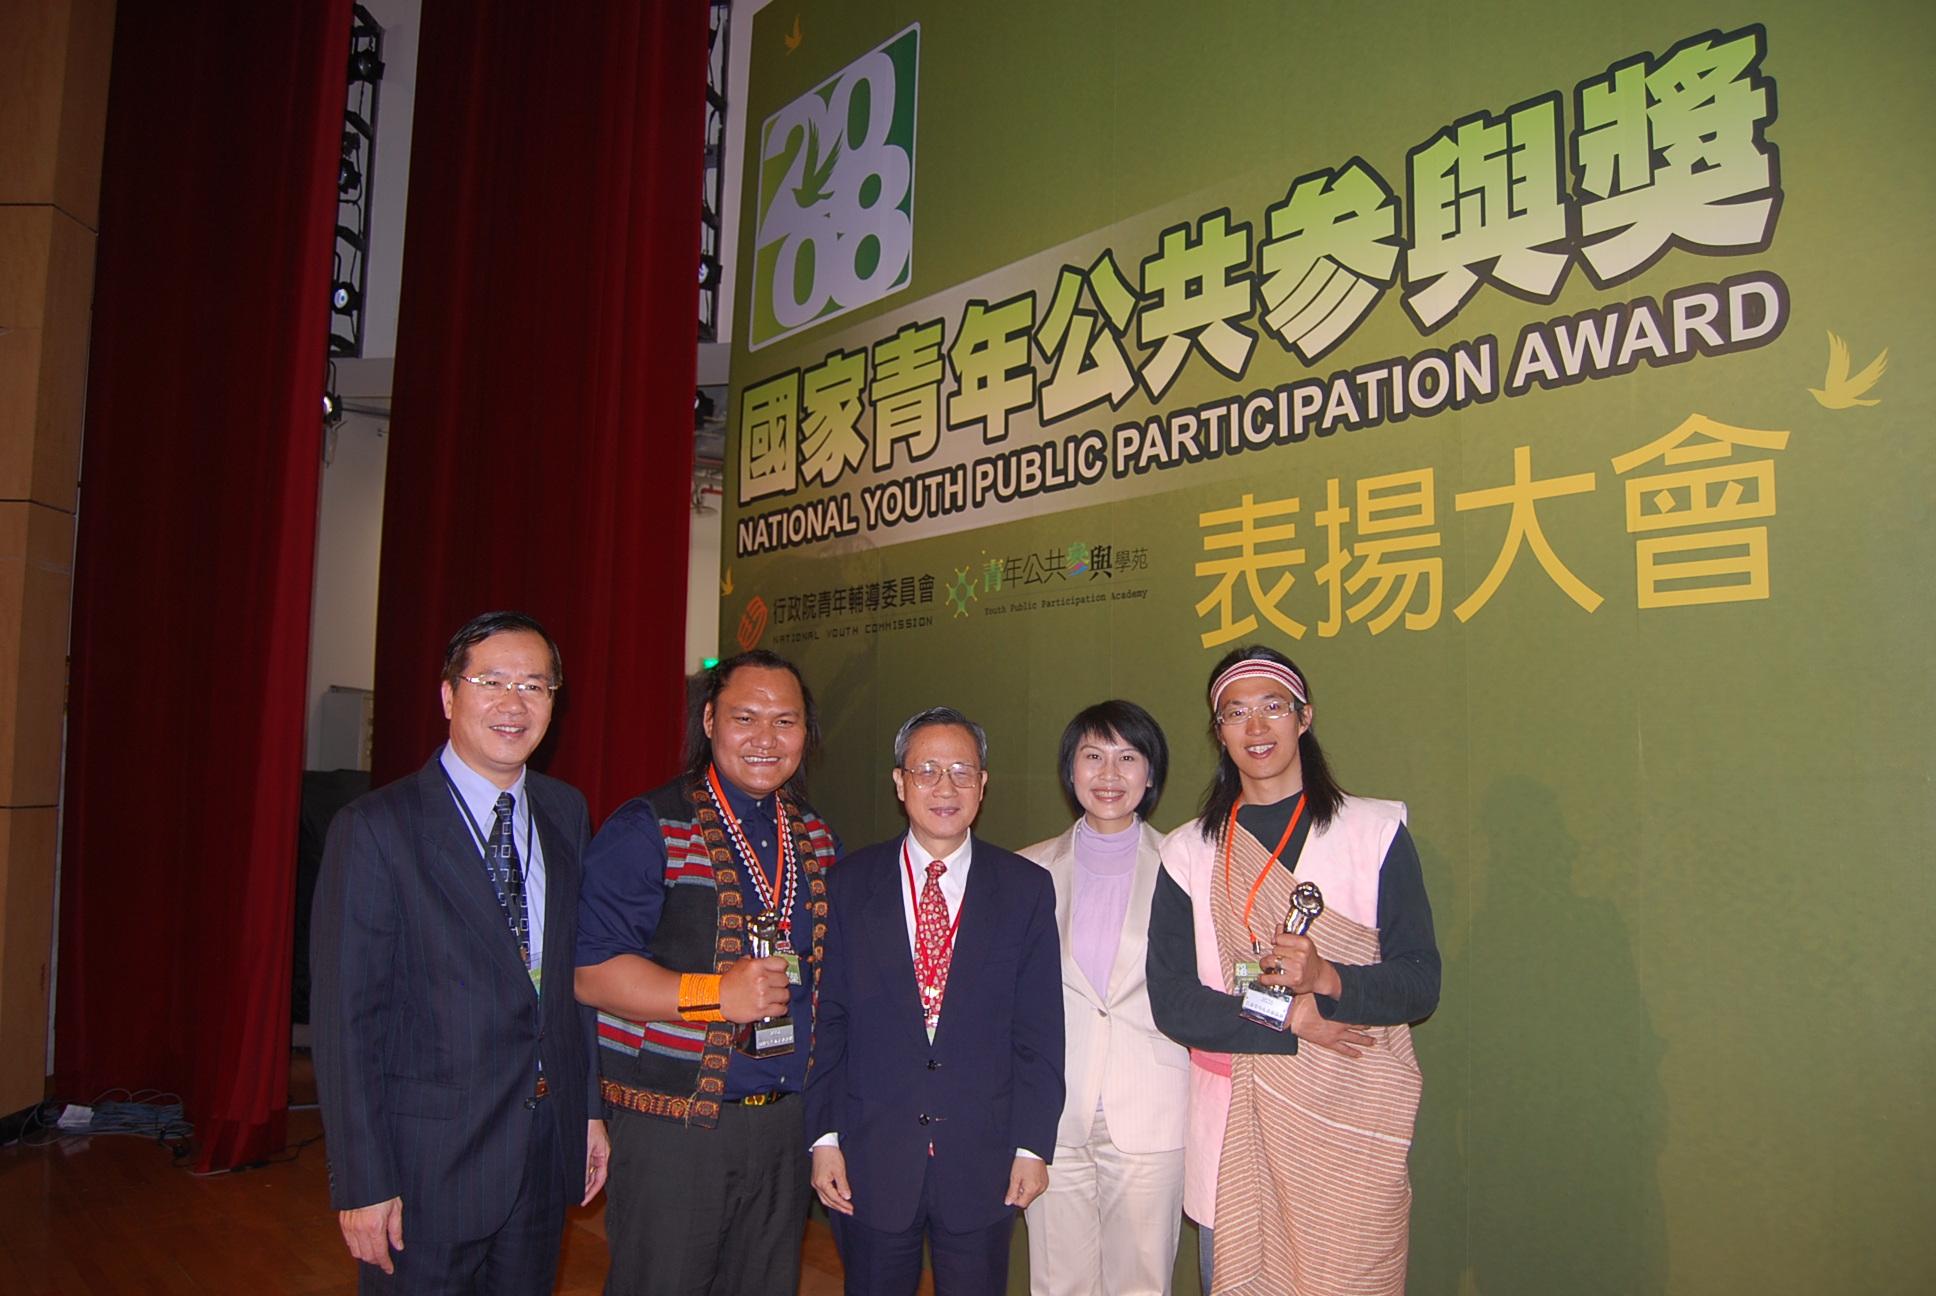 中原大學室設所江冠榮獲頒2008「國家青年公共參與獎」 促進國際少數民族交流